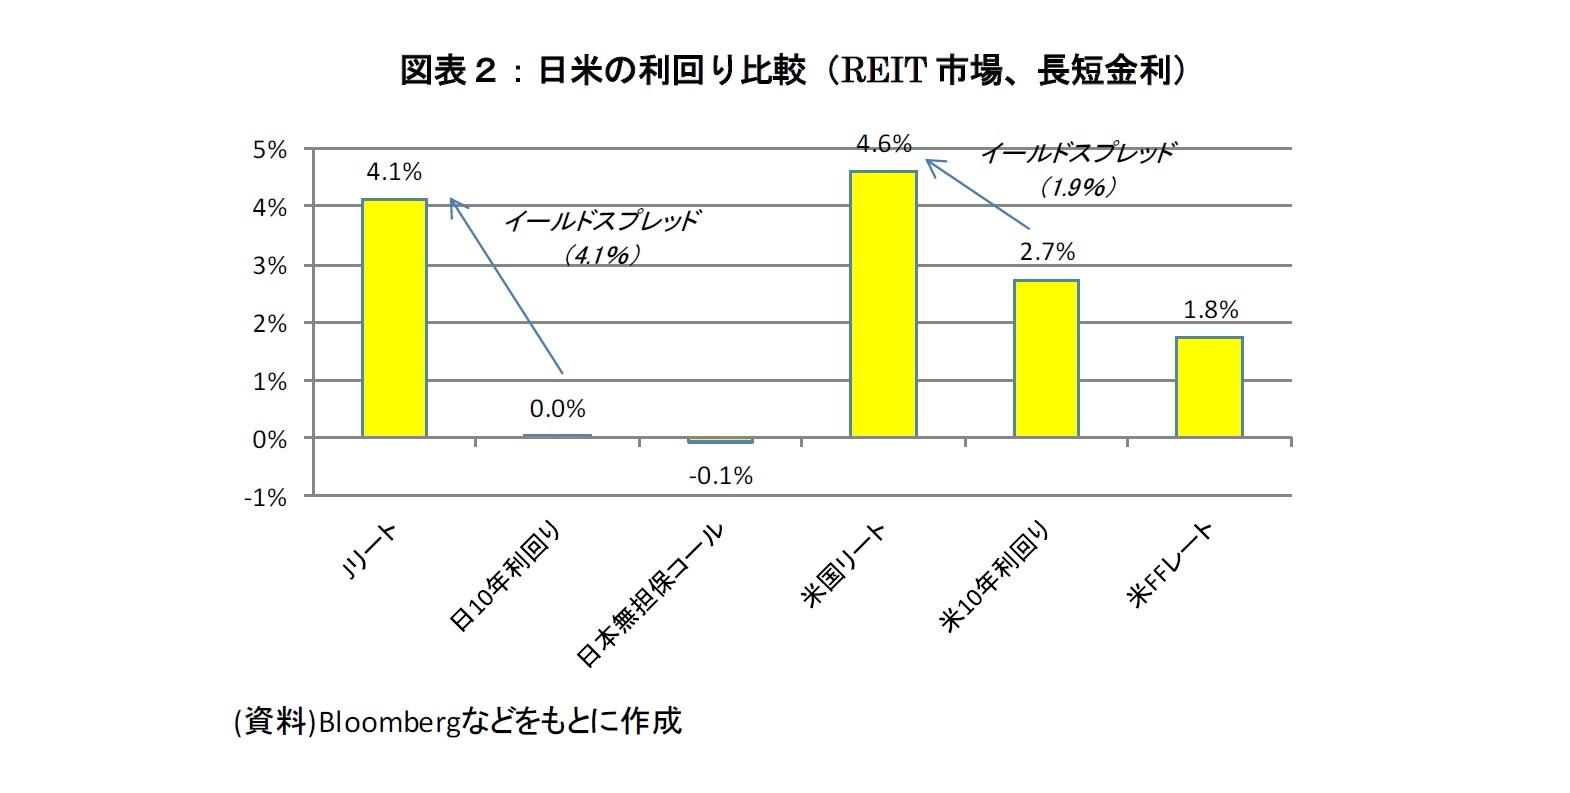 図表2:日米の利回り比較(REIT市場、長短金利)